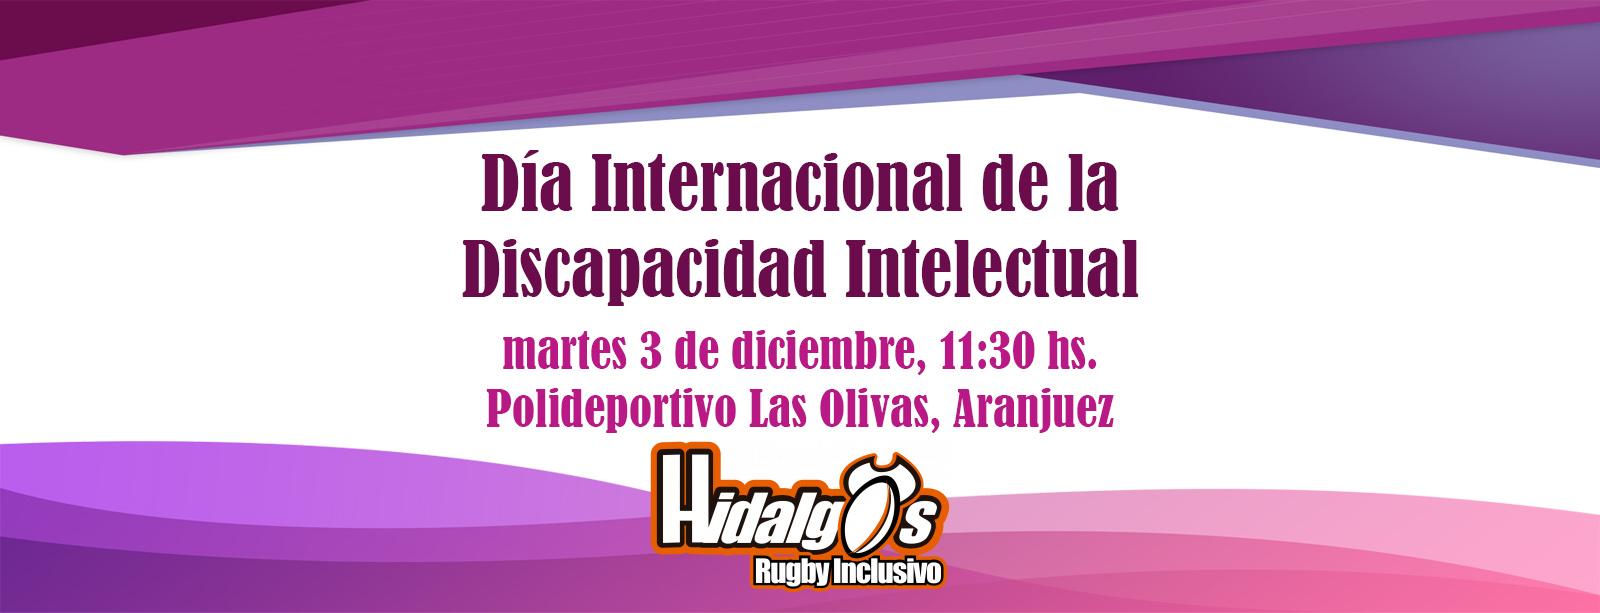 Quijote RC y el Día Internacional de la Discapacidad Intelectual